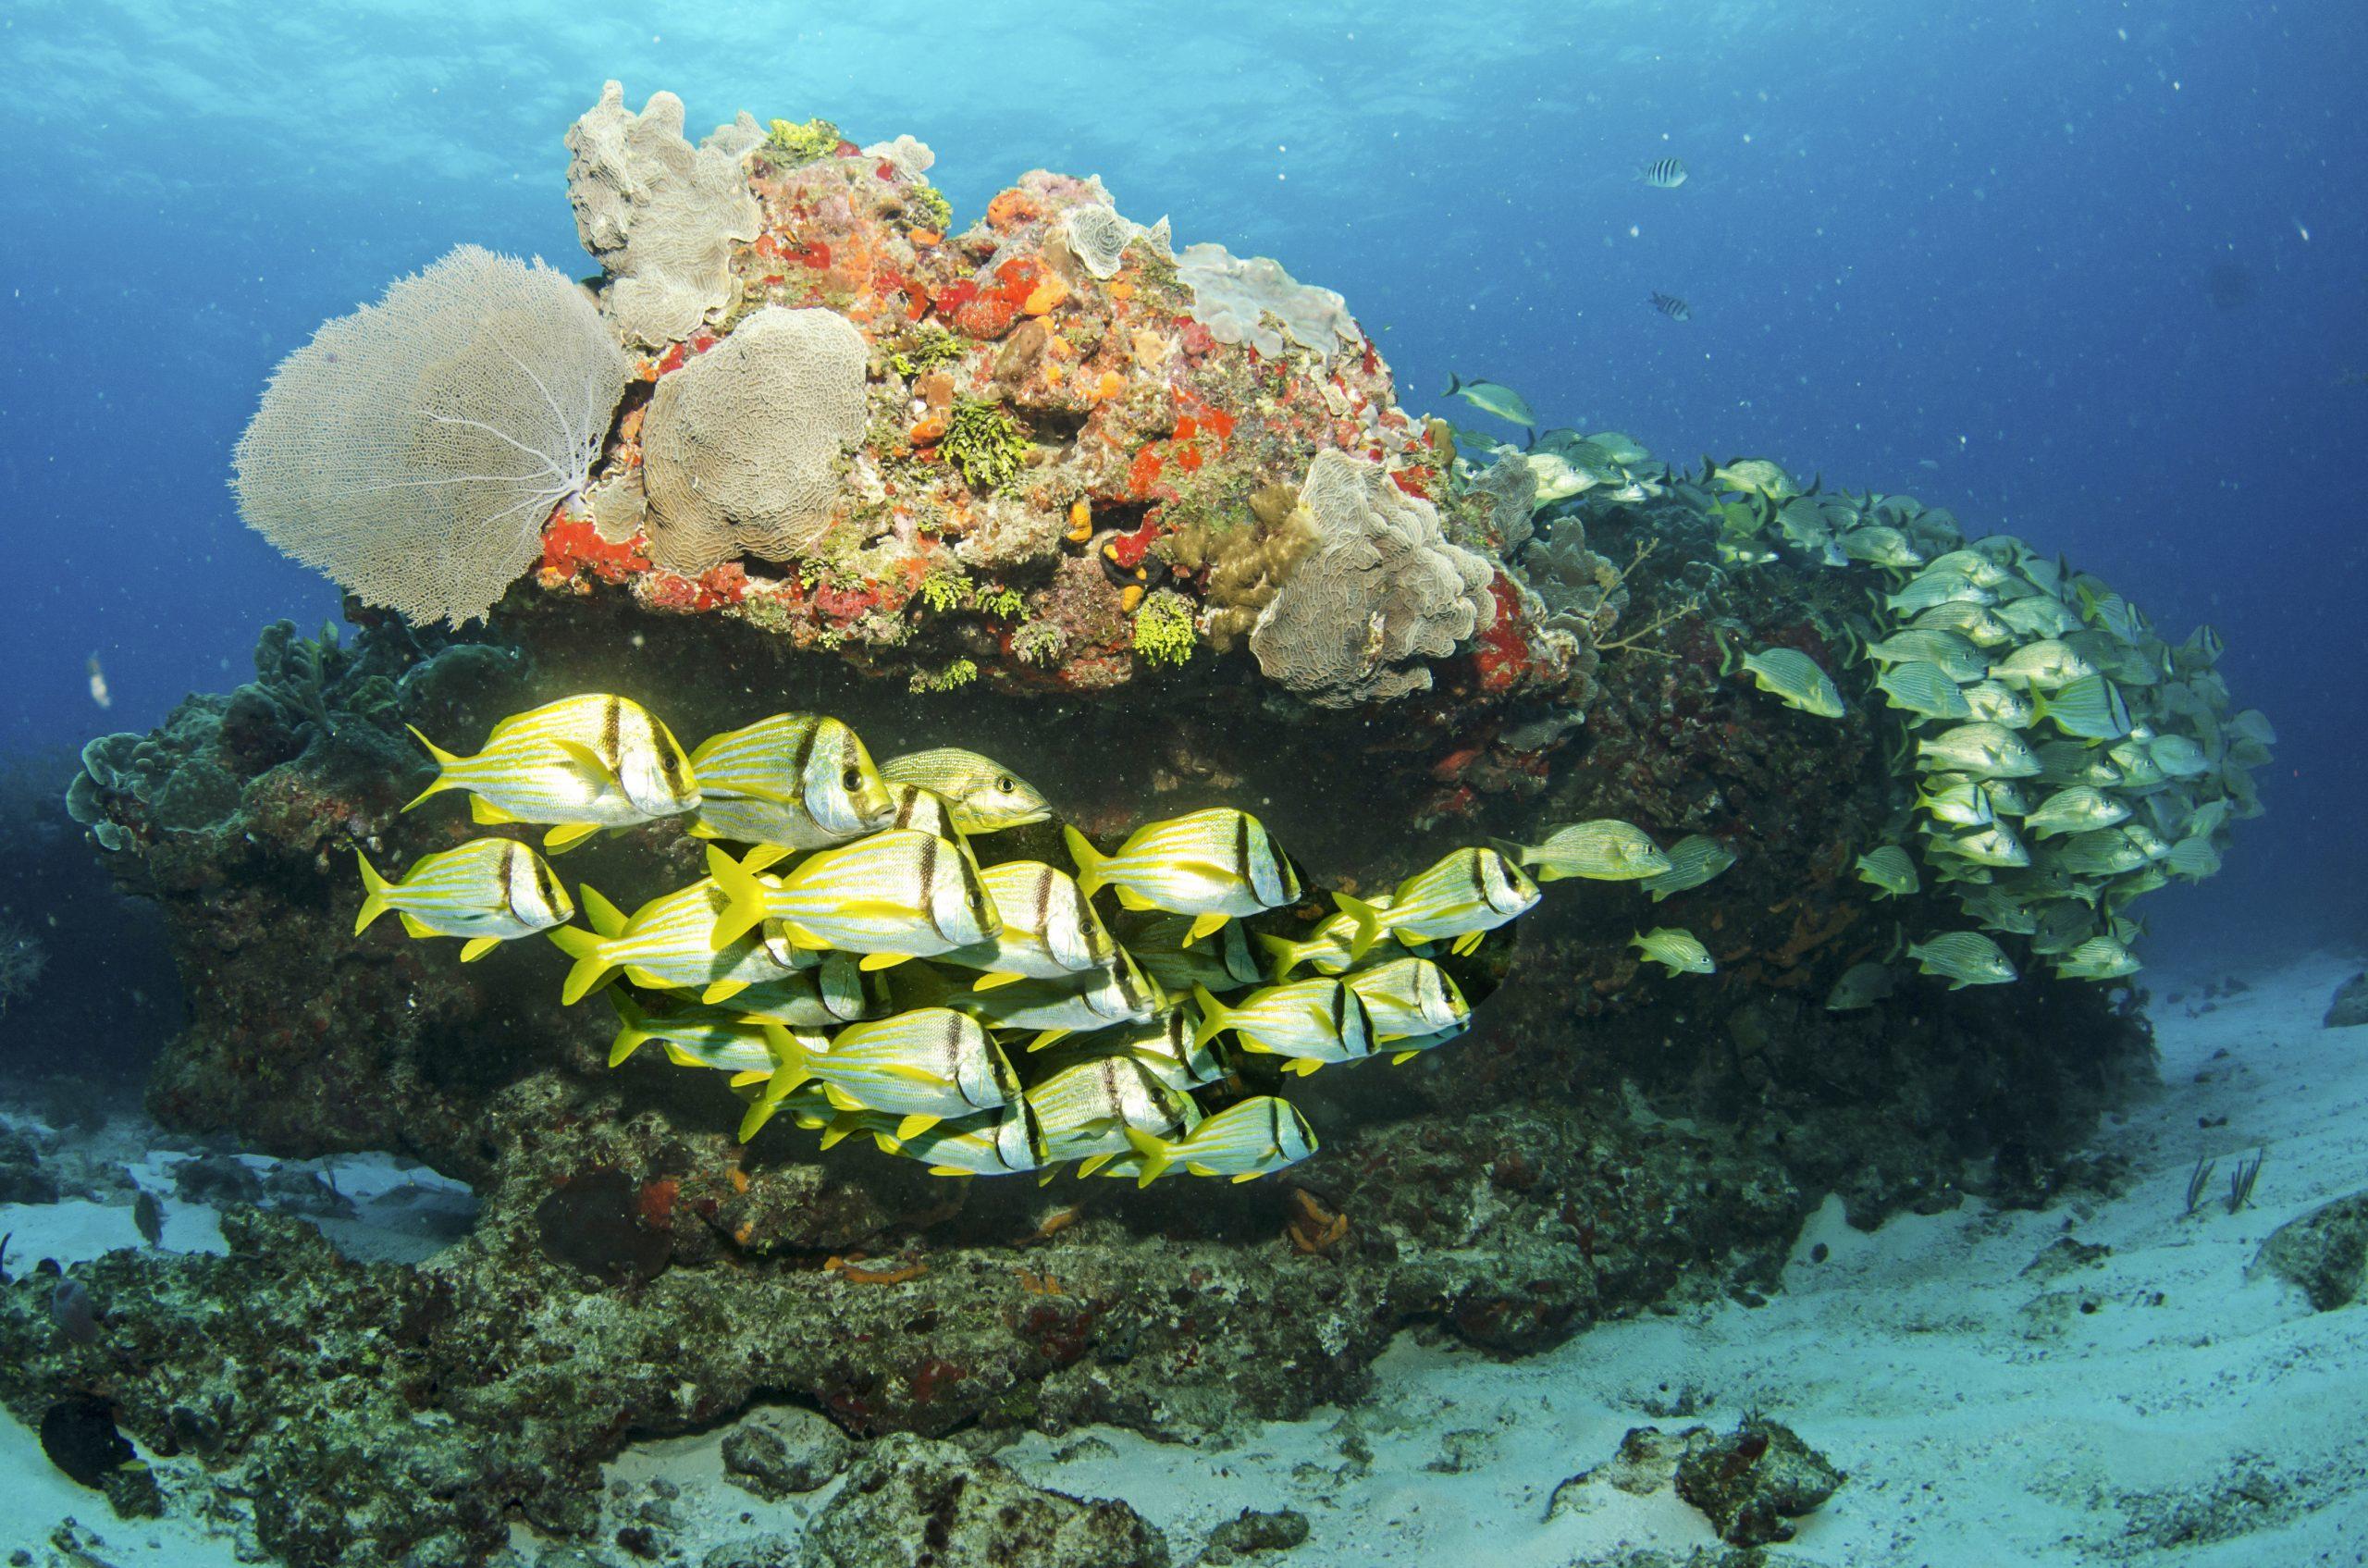 Die MSC Foundation ist mit der Ba'a-Foundation eine Partnerschaft zur Rettung von Korallen eingegangen, um die Ökosysteme zu erhalten.